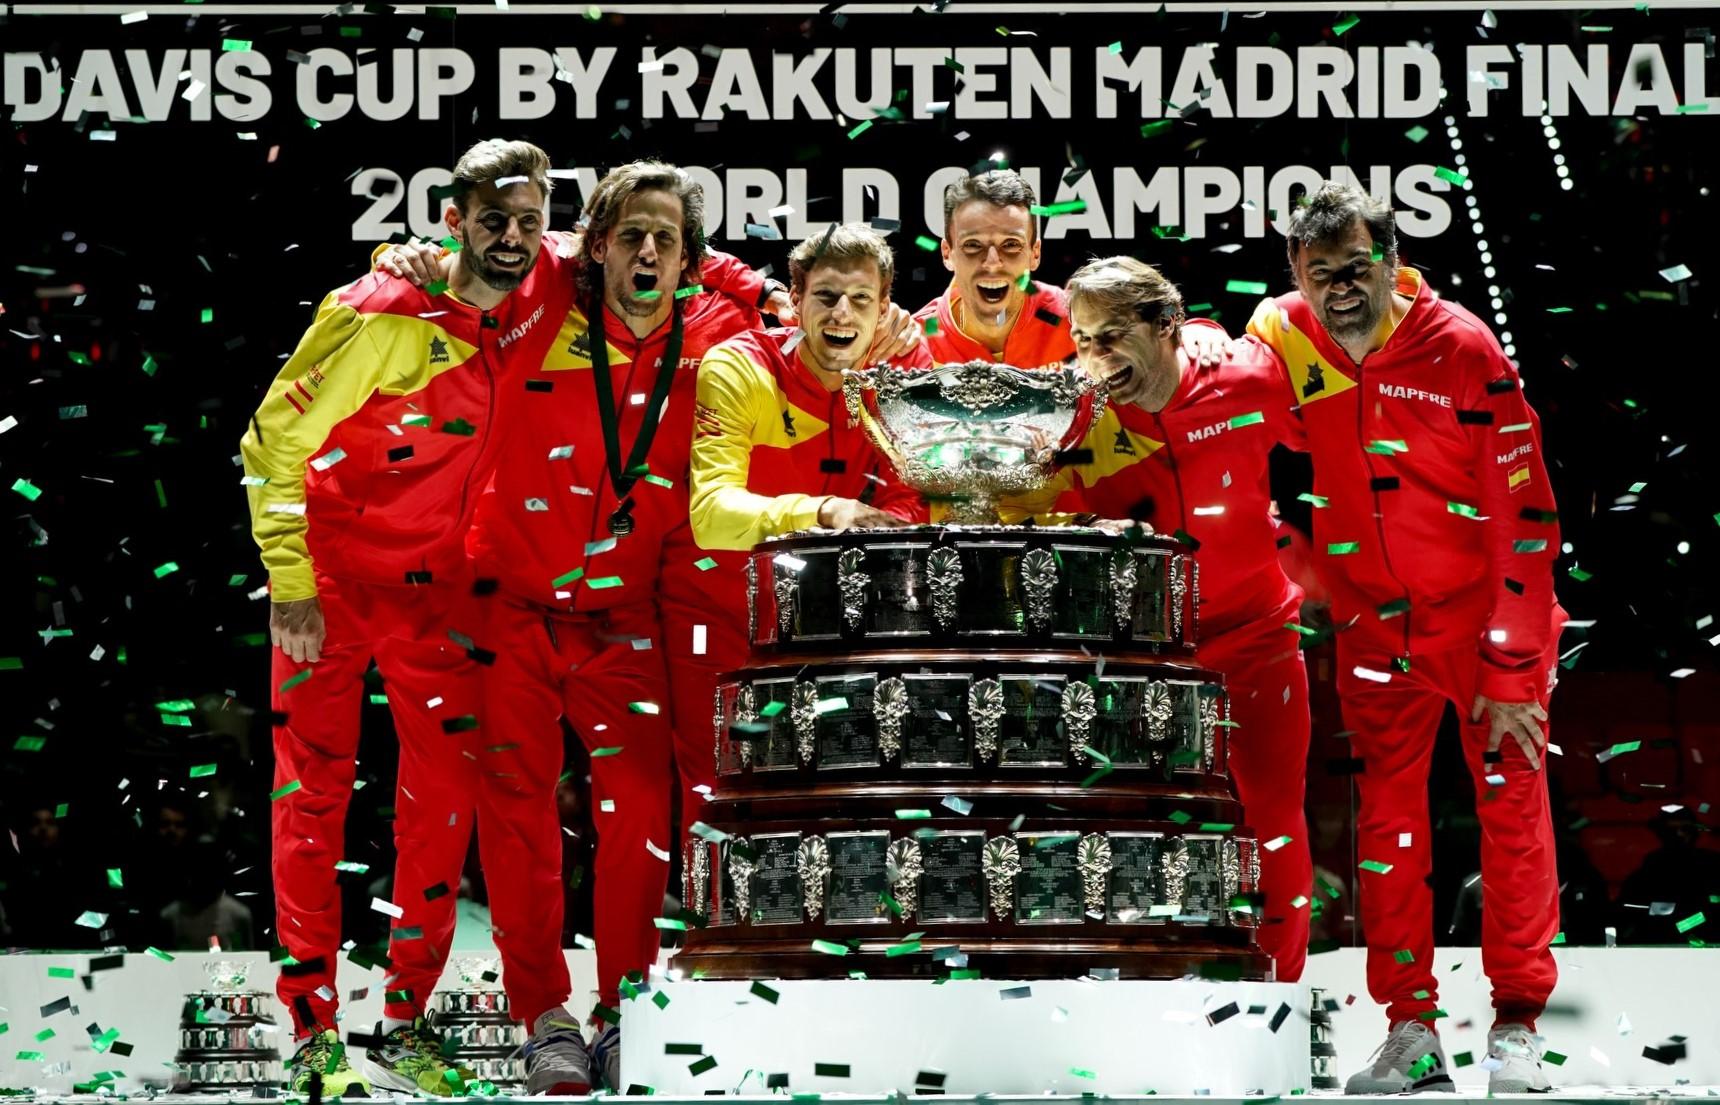 ナダル単複大活躍 スペインを優勝国に【デ杯ファイナル】【ニュース – TENNIS.jp】